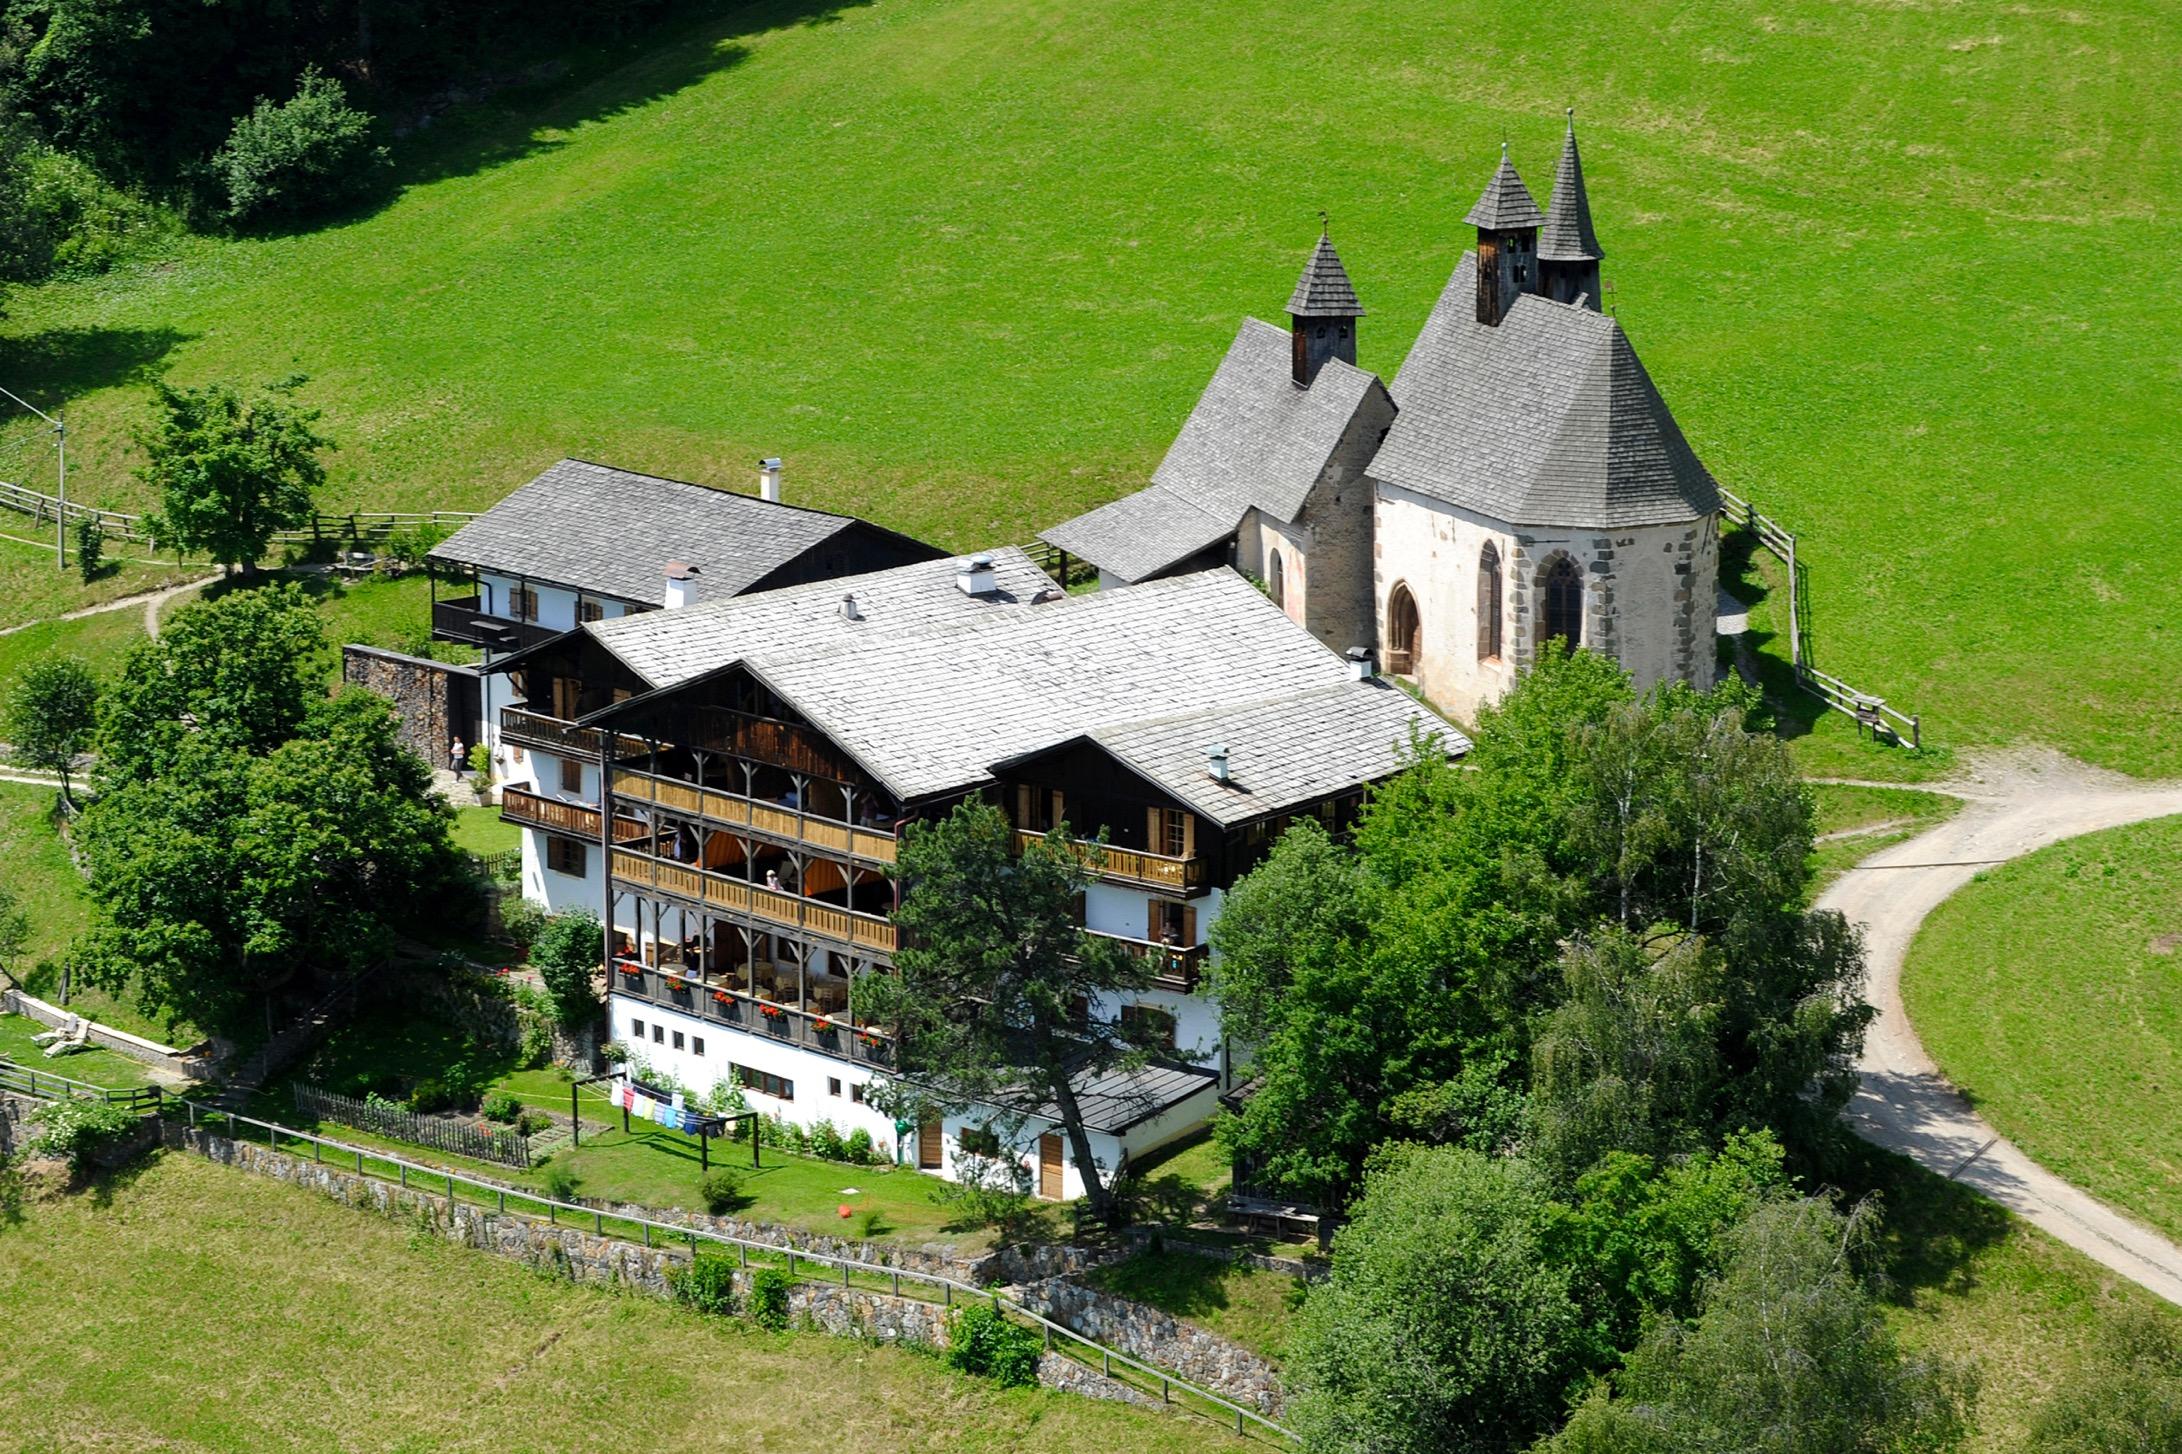 Berggasthof Bad Dreikirchen 96 (Urlaub im Denkmal)